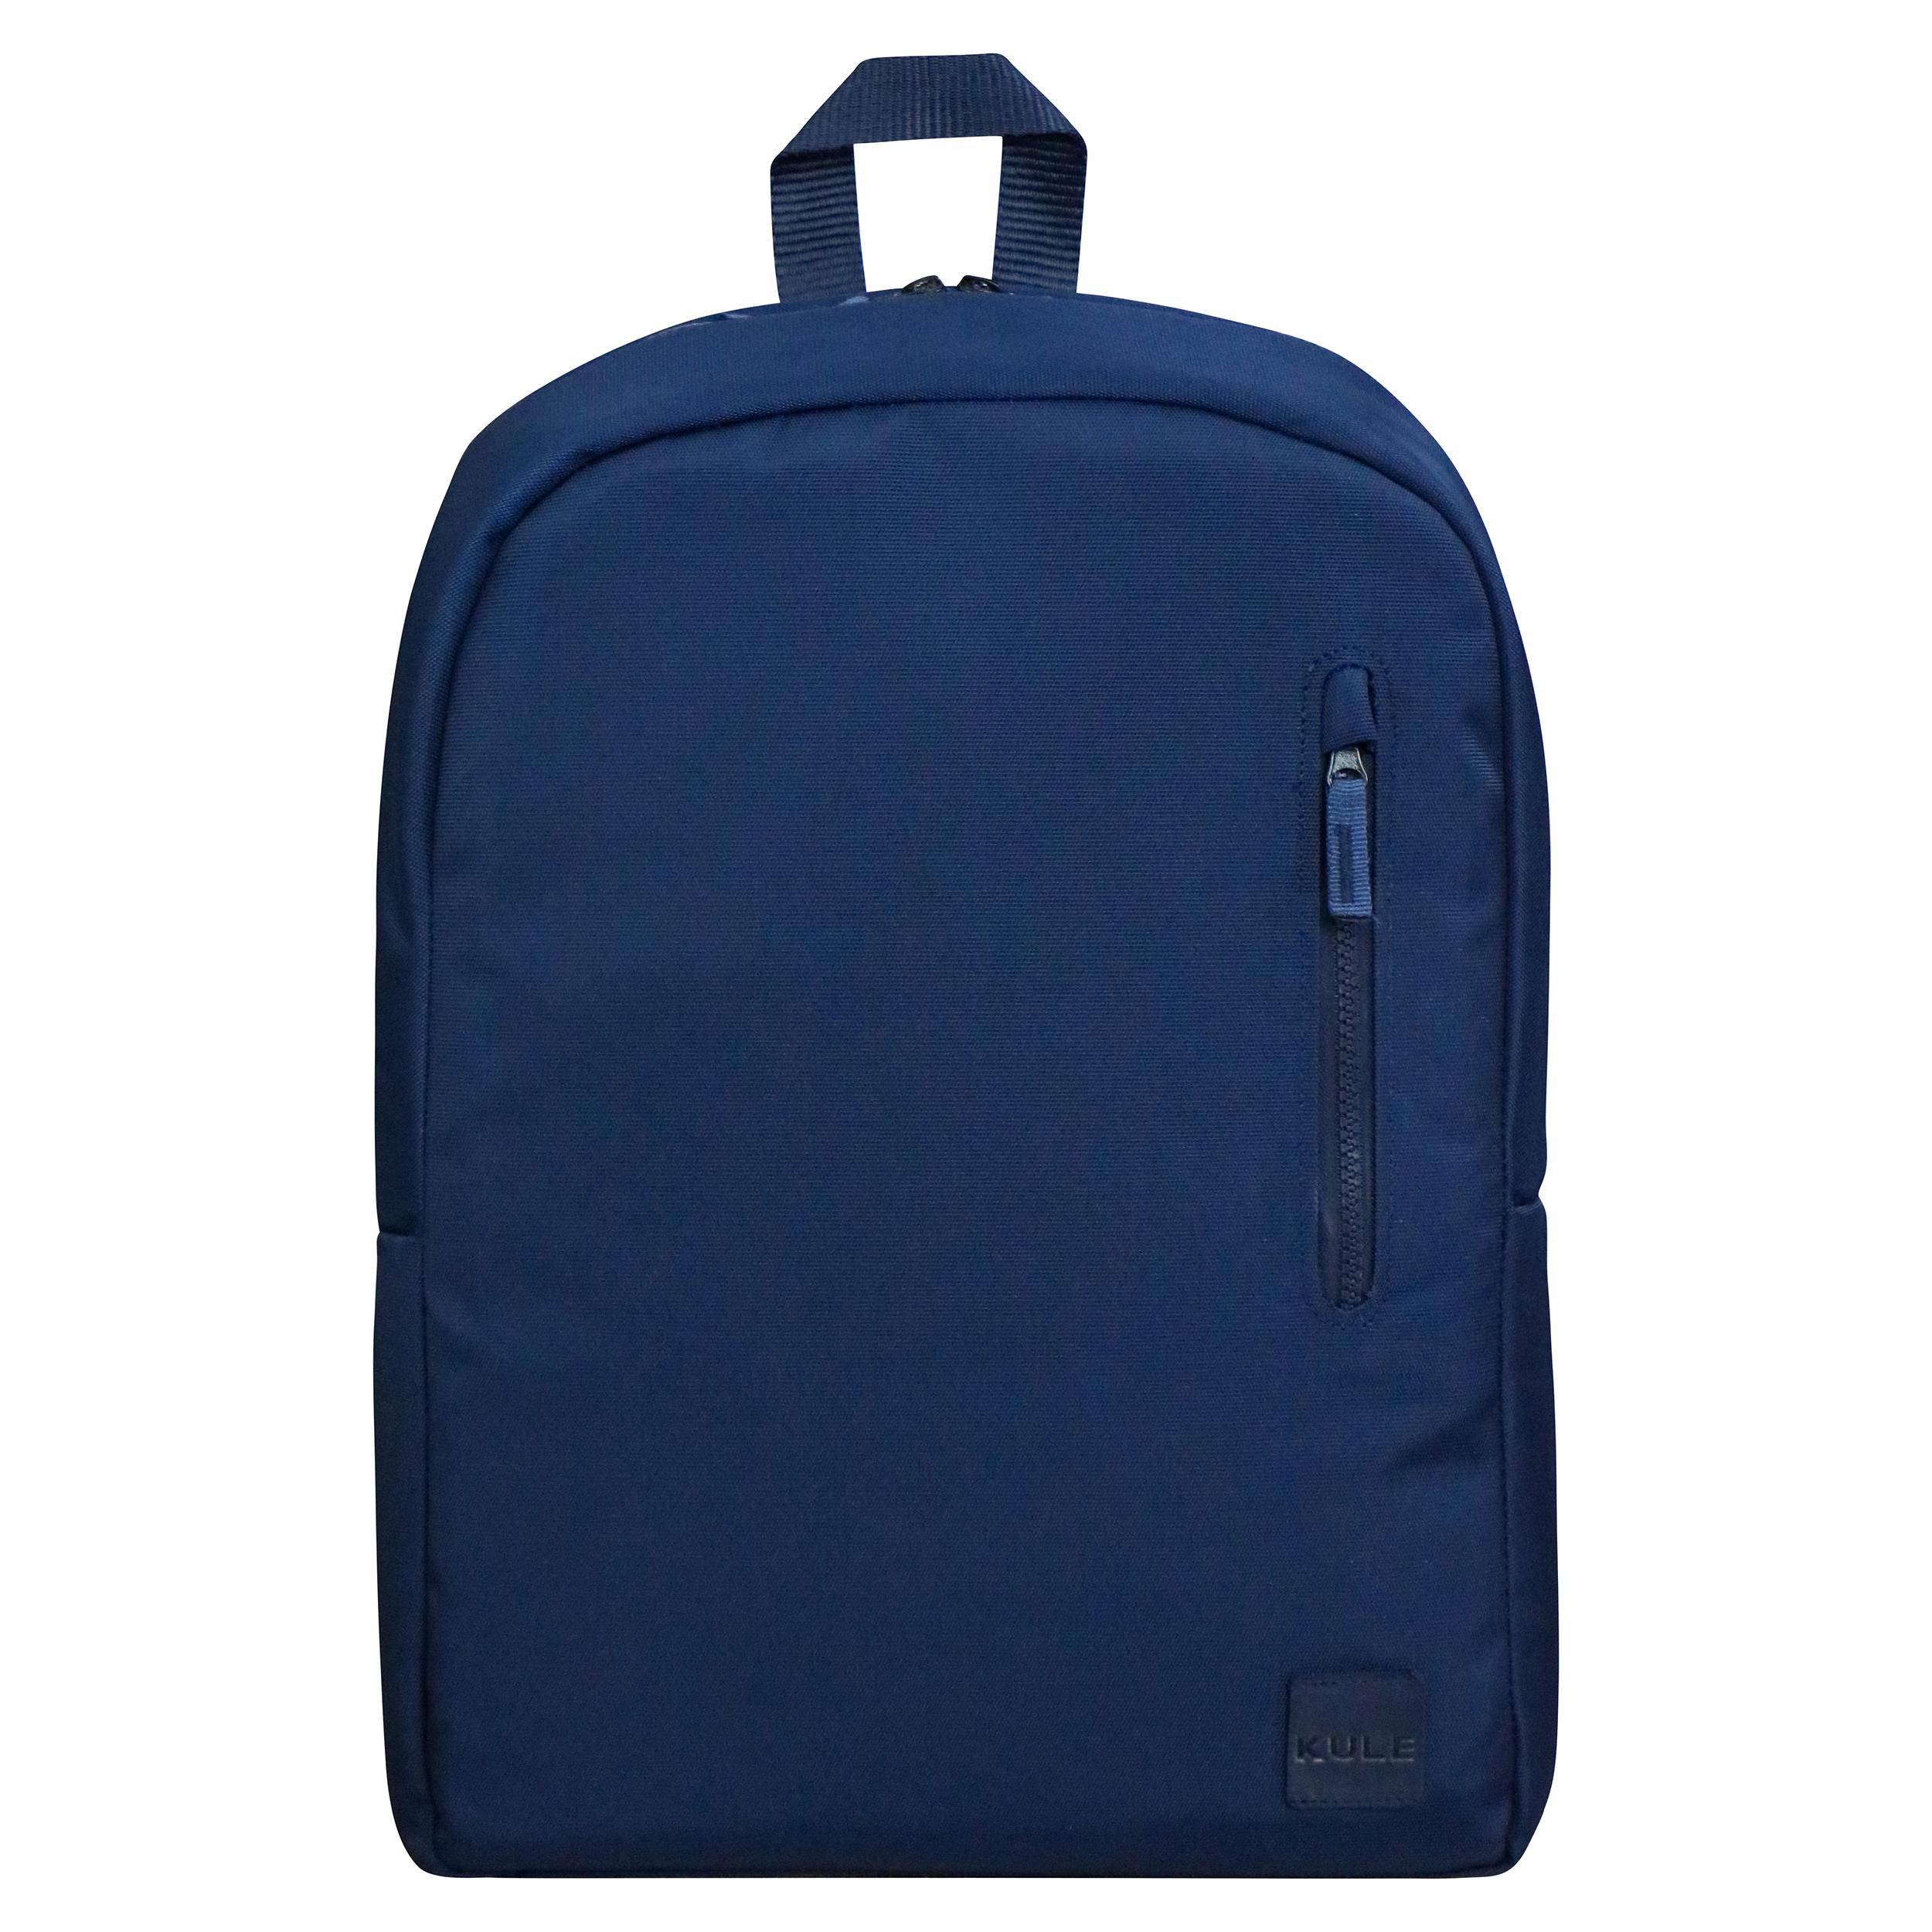 کوله پشتی لپ تاپ کوله مدل KL1504 مناسب برای لپ تاپ 15.6 اینچی